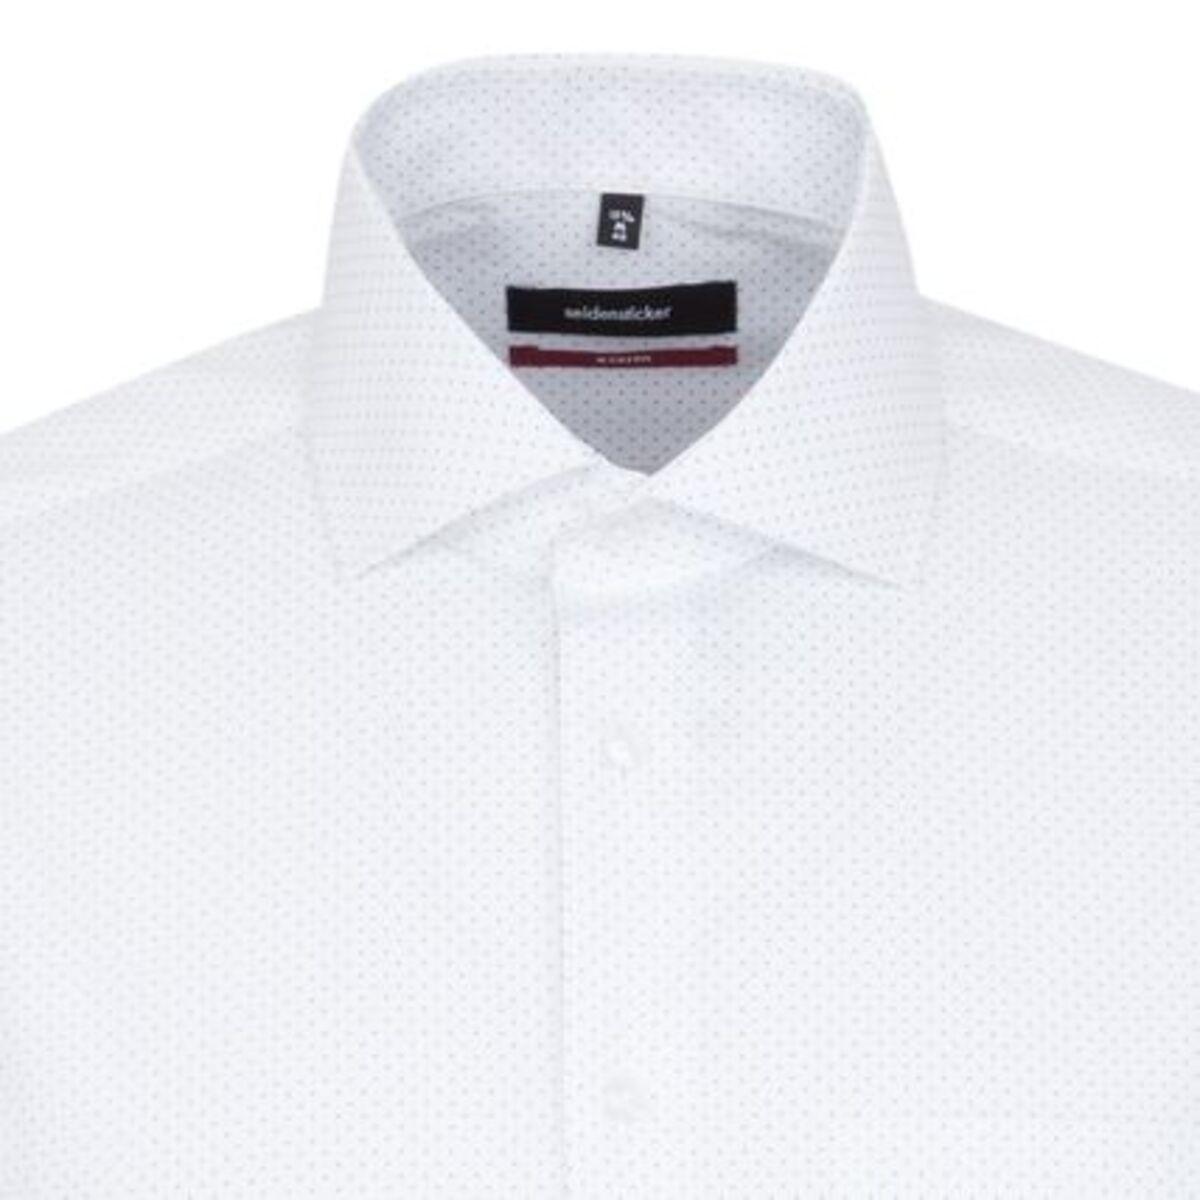 Bild 2 von Seidensticker Business Hemd Modern Langarm Kentkragen Punkte, blau